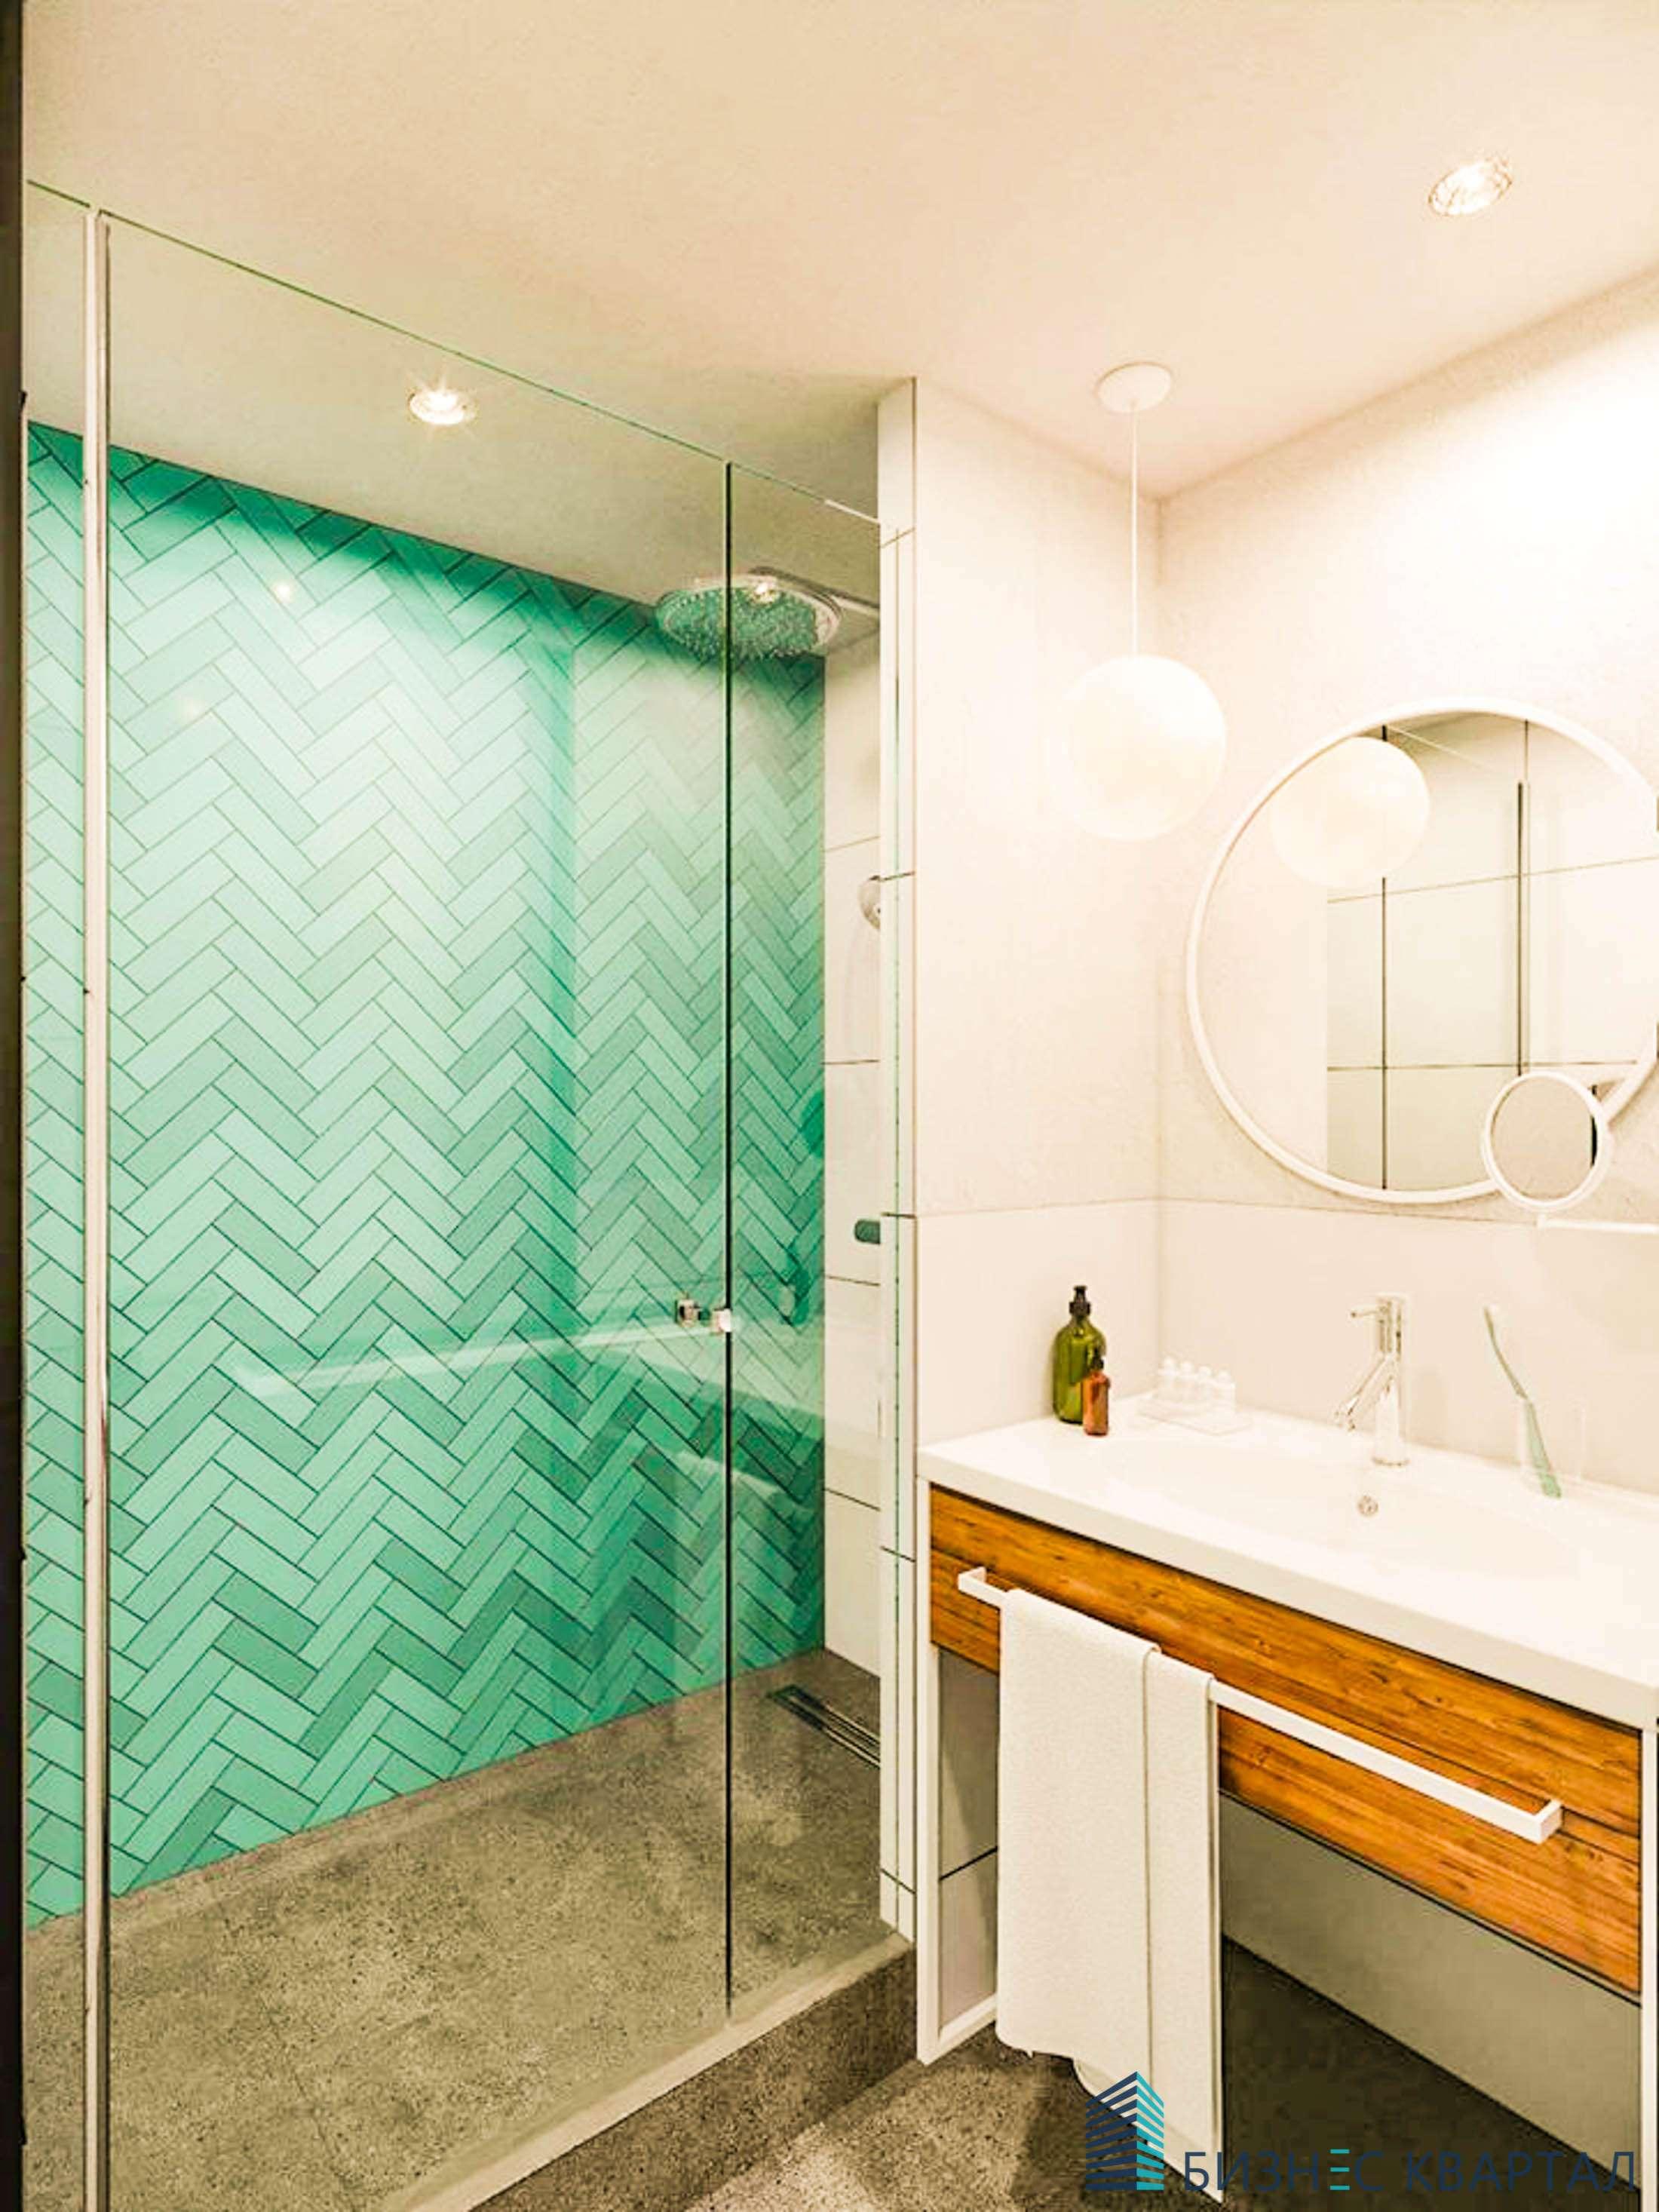 Двухкомнатные апартаменты с ремонтом и мебелью в Сочи - image gotovye-apartamenty-v-sochi-11 on https://bizneskvartal.ru